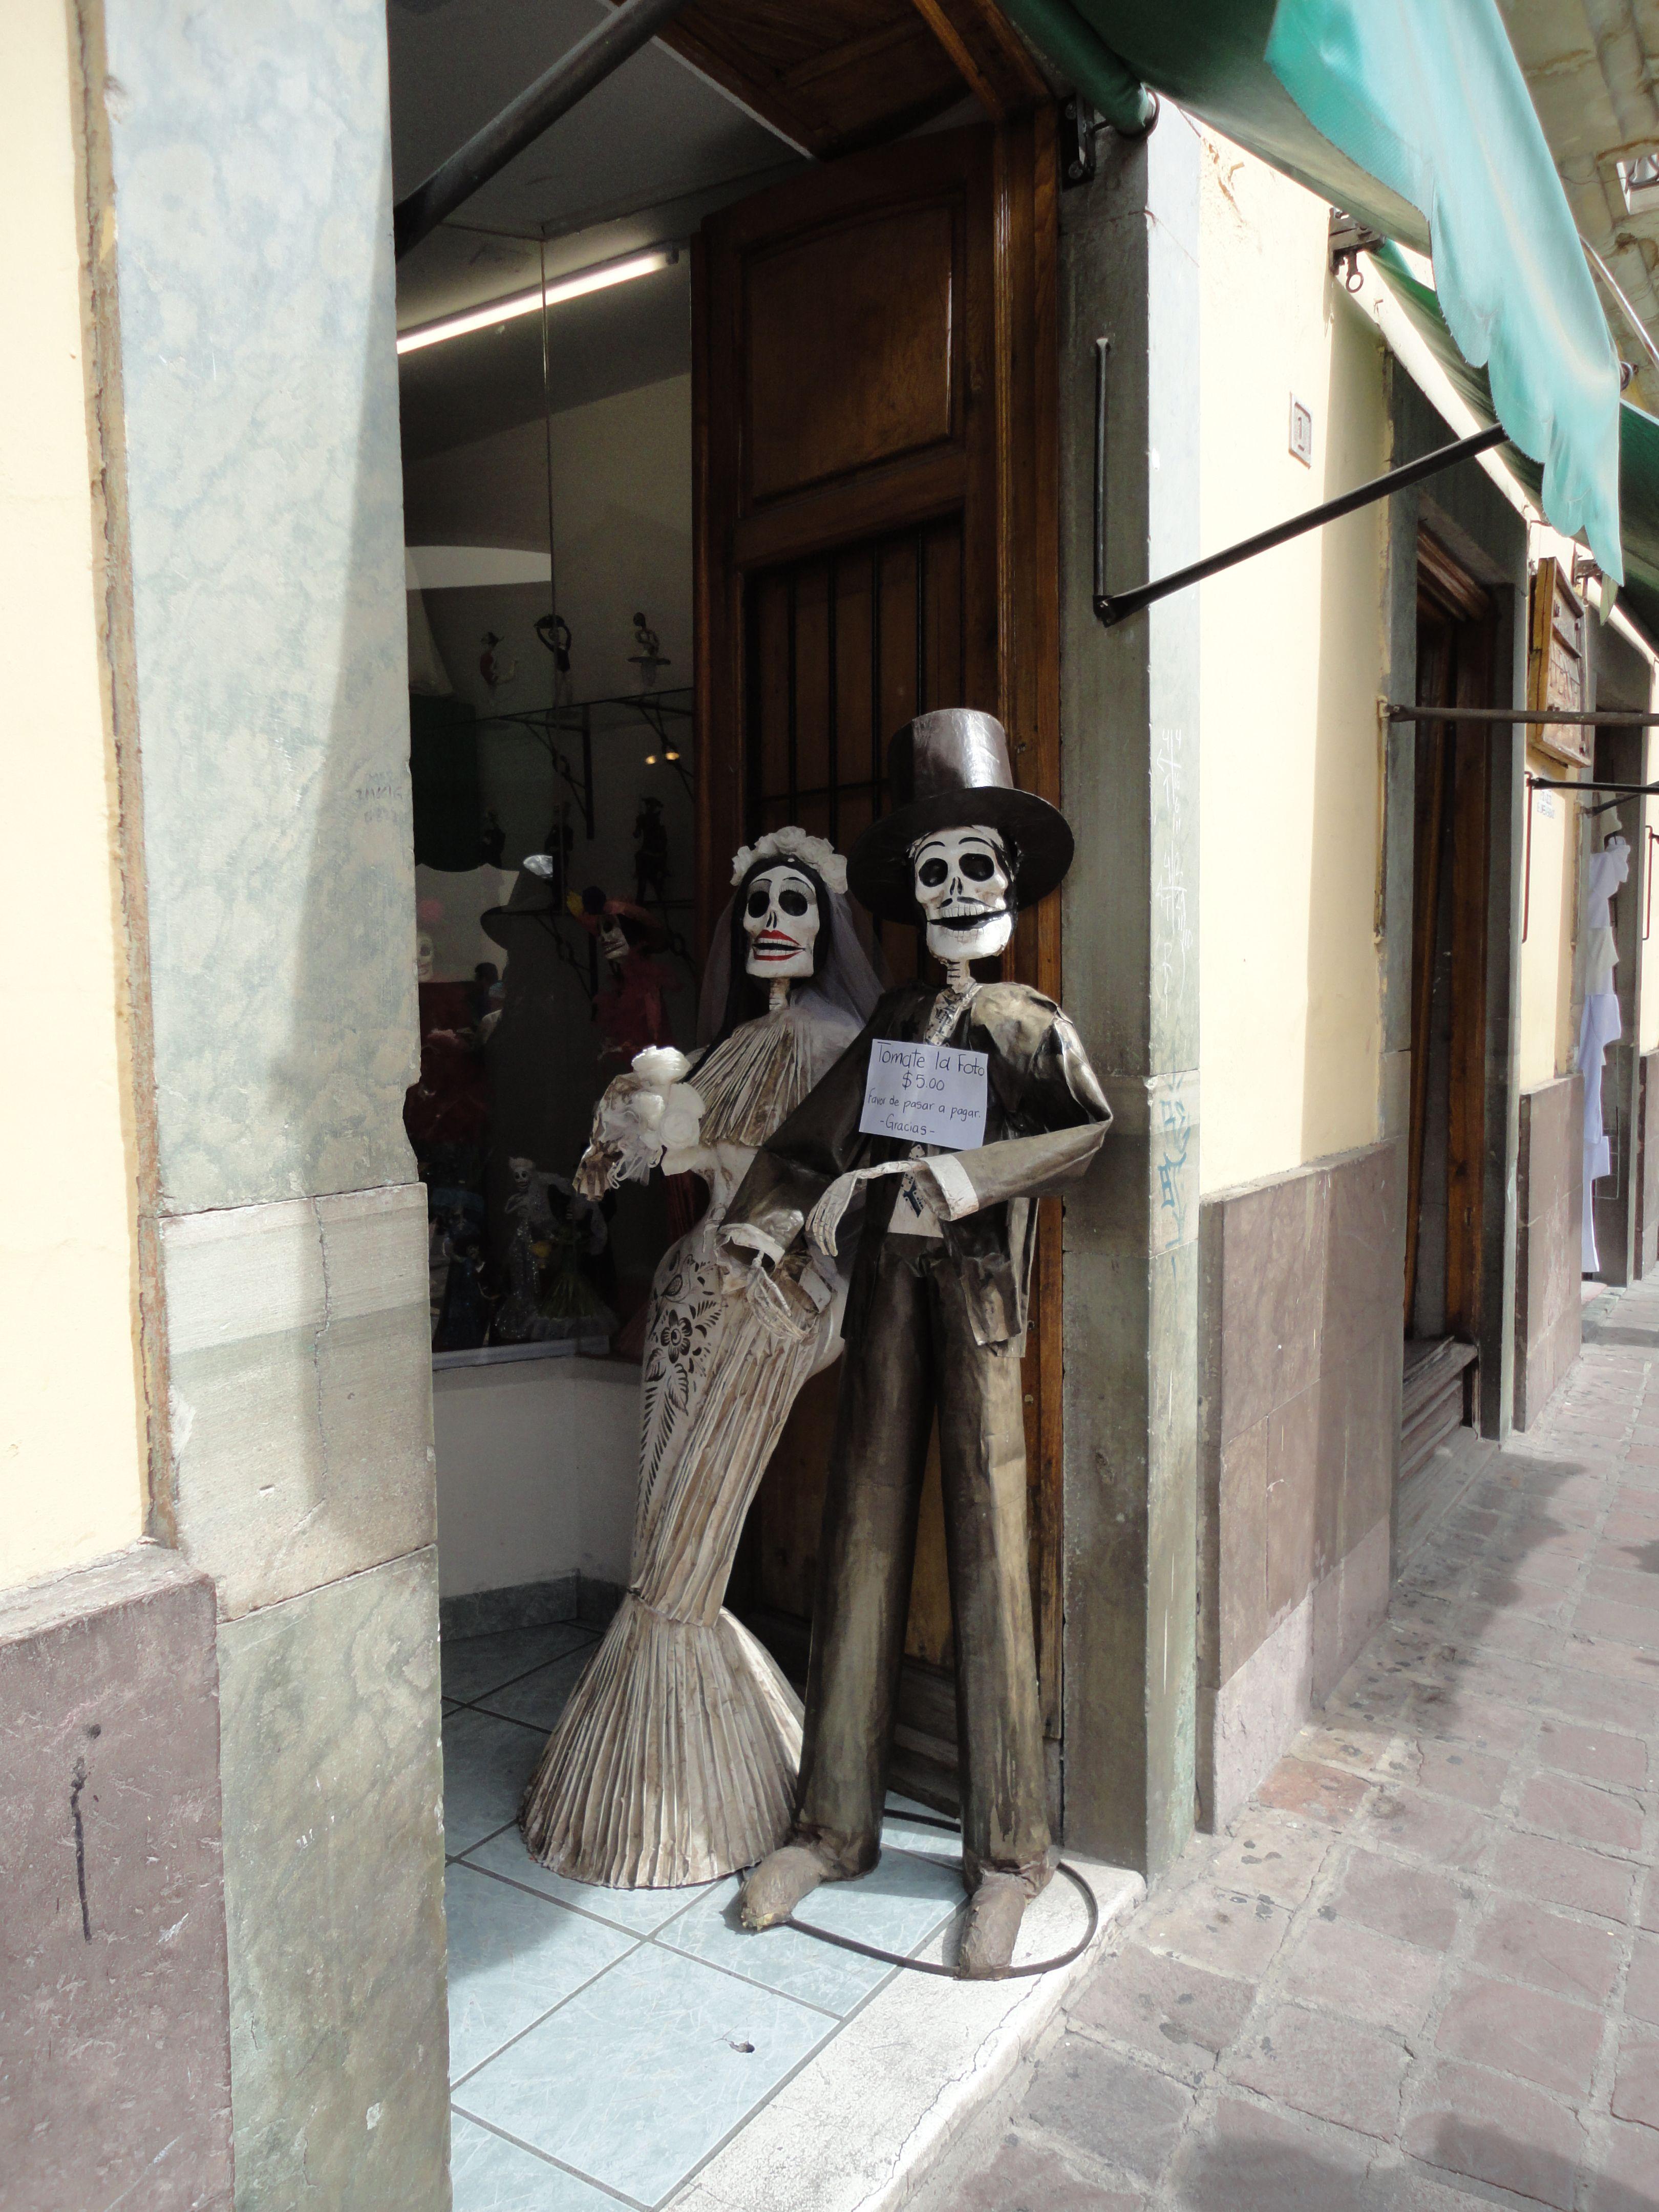 Happy Couple. In Guanajuato Mexico.